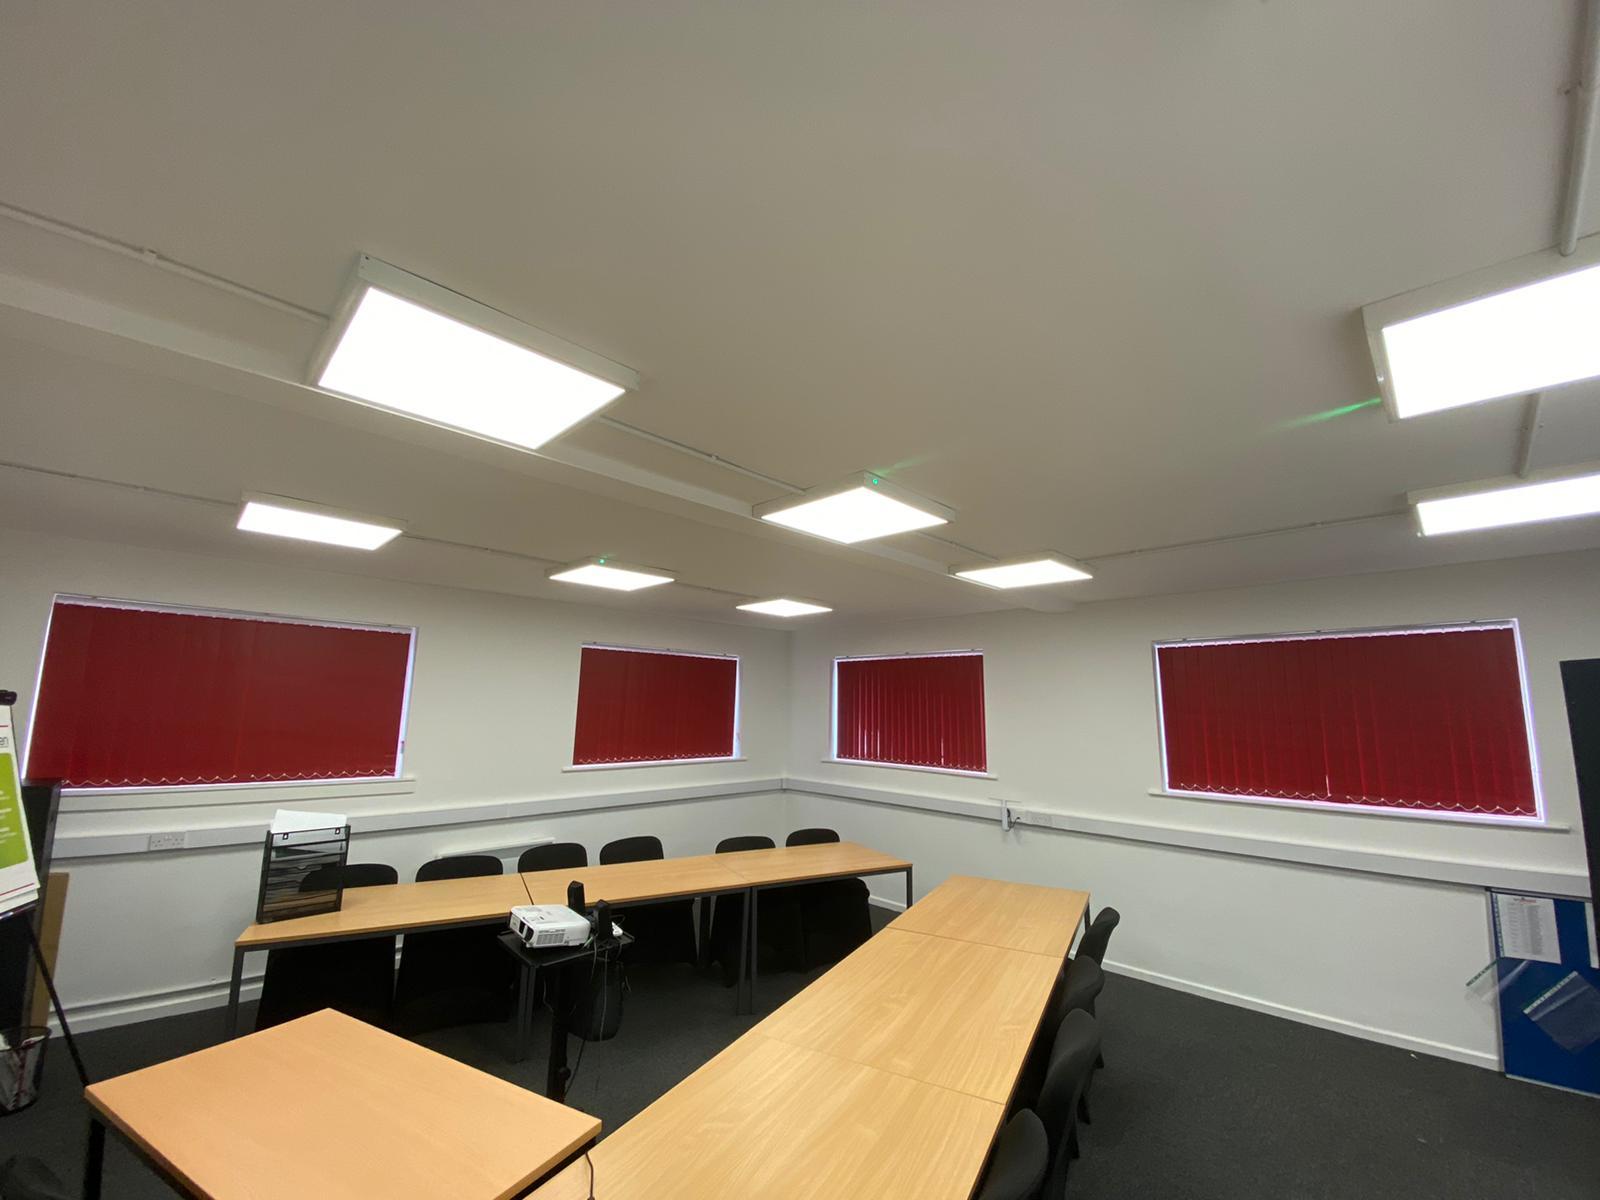 School blinds in stoke